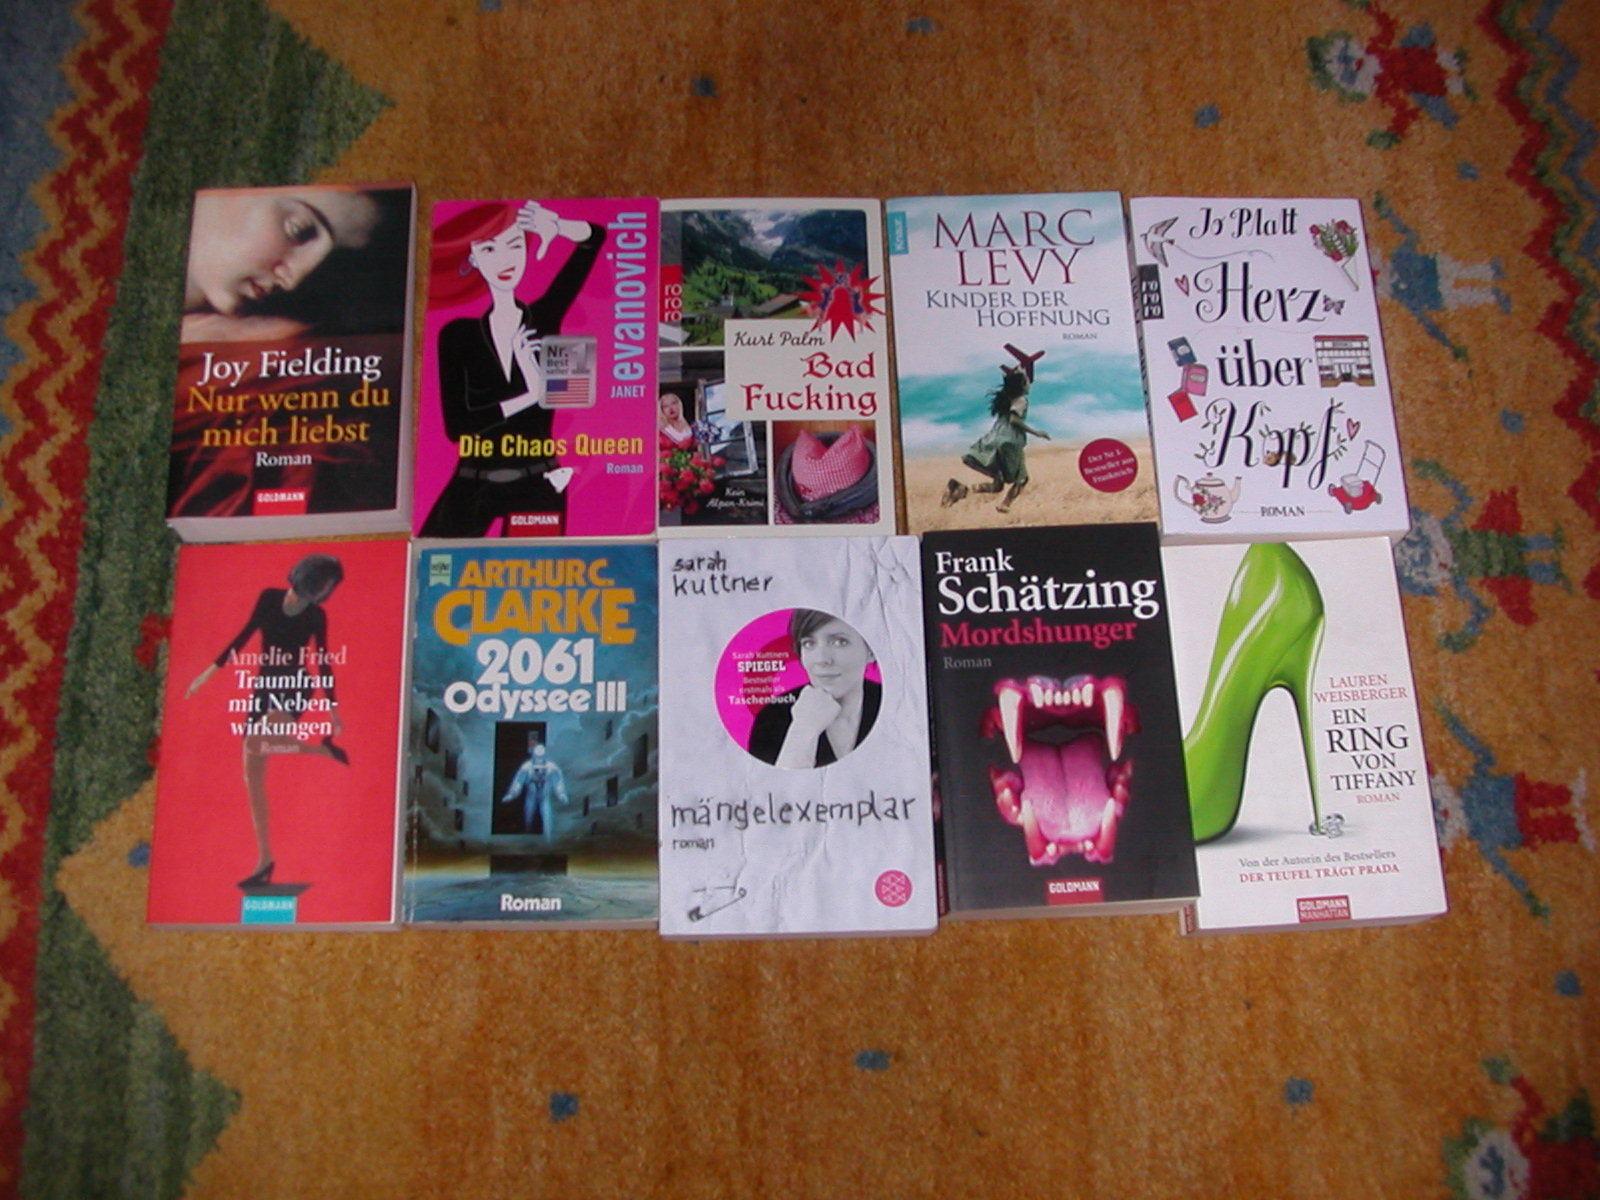 Buchpaket: ca. 40 Stück Romane -  s.h. Bilder